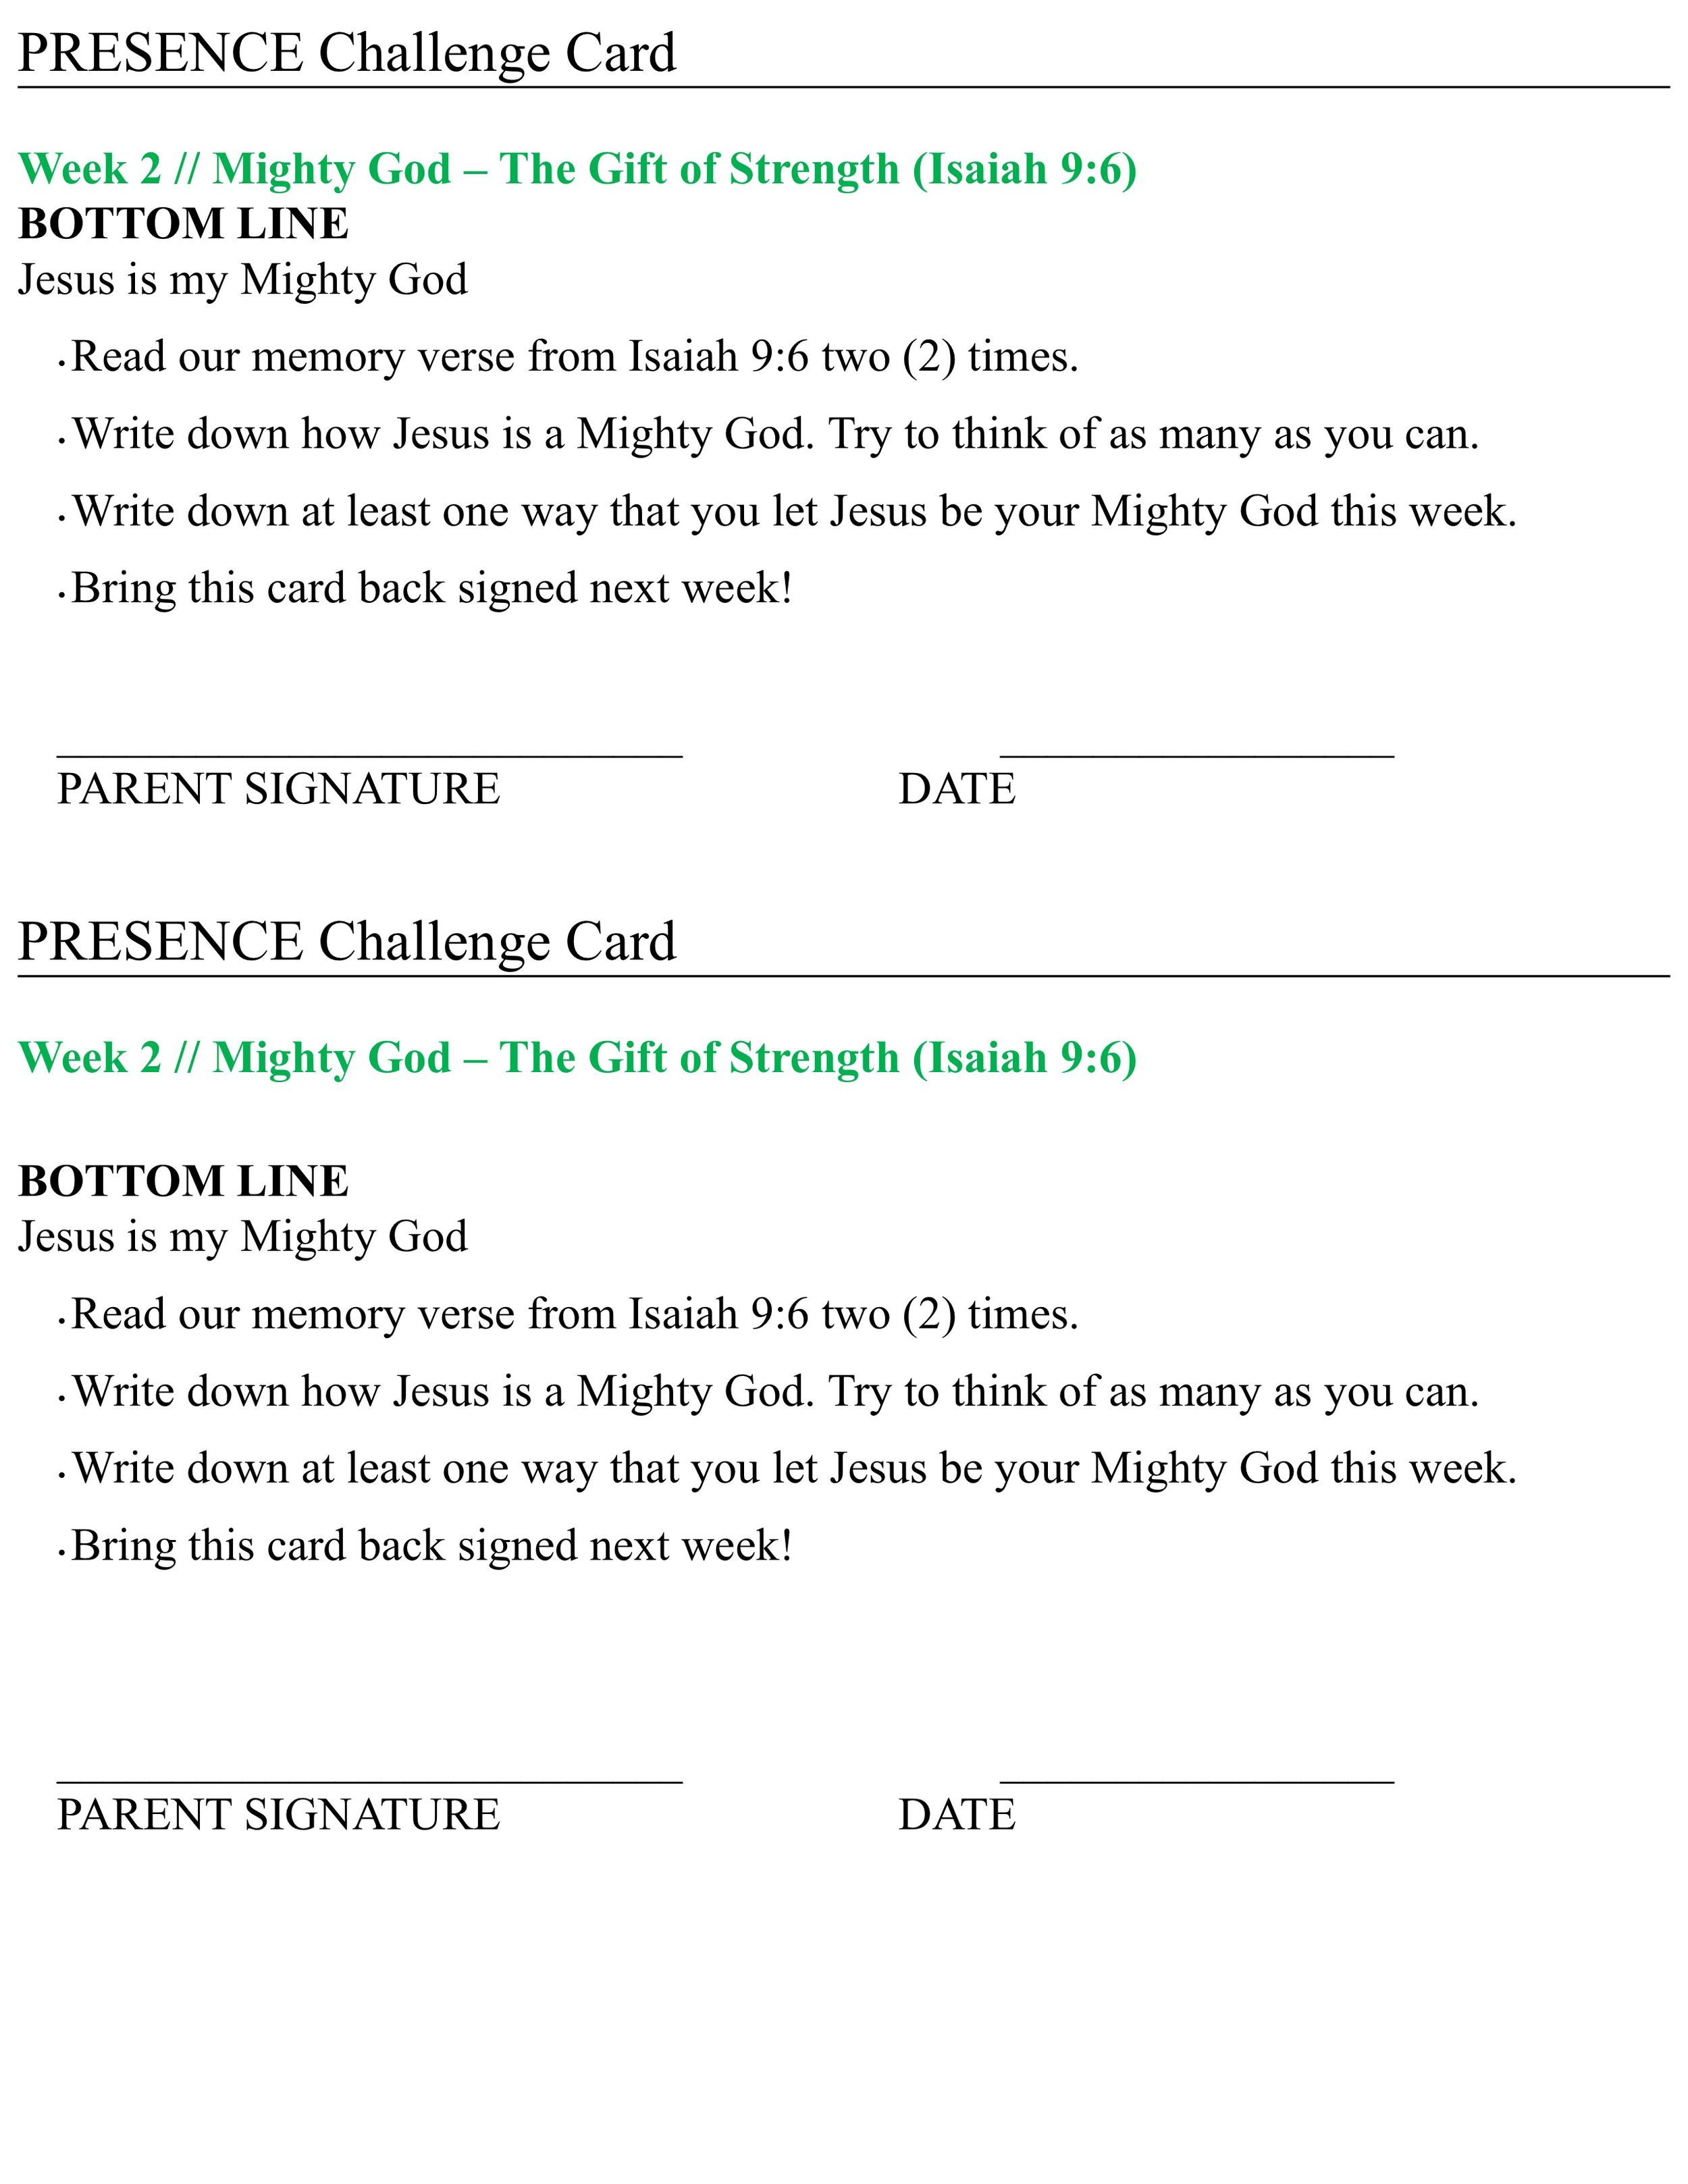 challenge card week 2.png